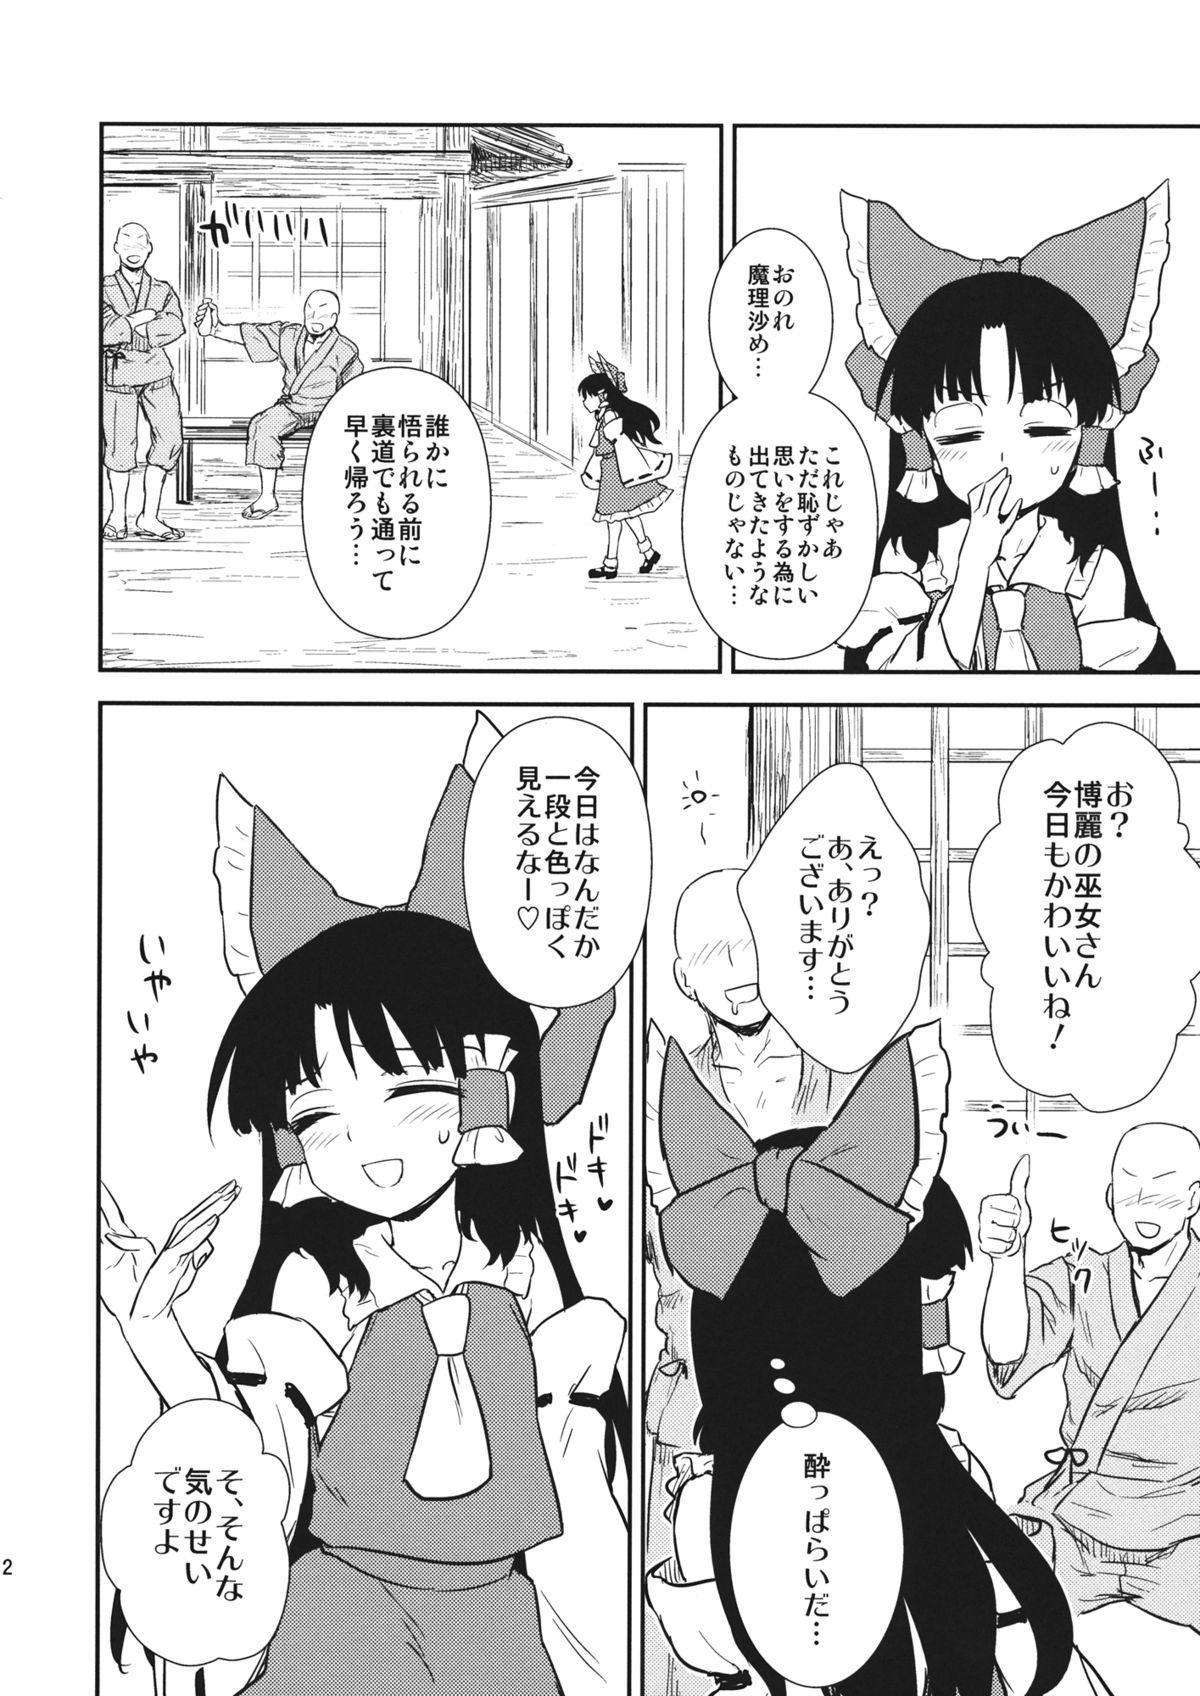 Otoshigoro no Reimu-san 10